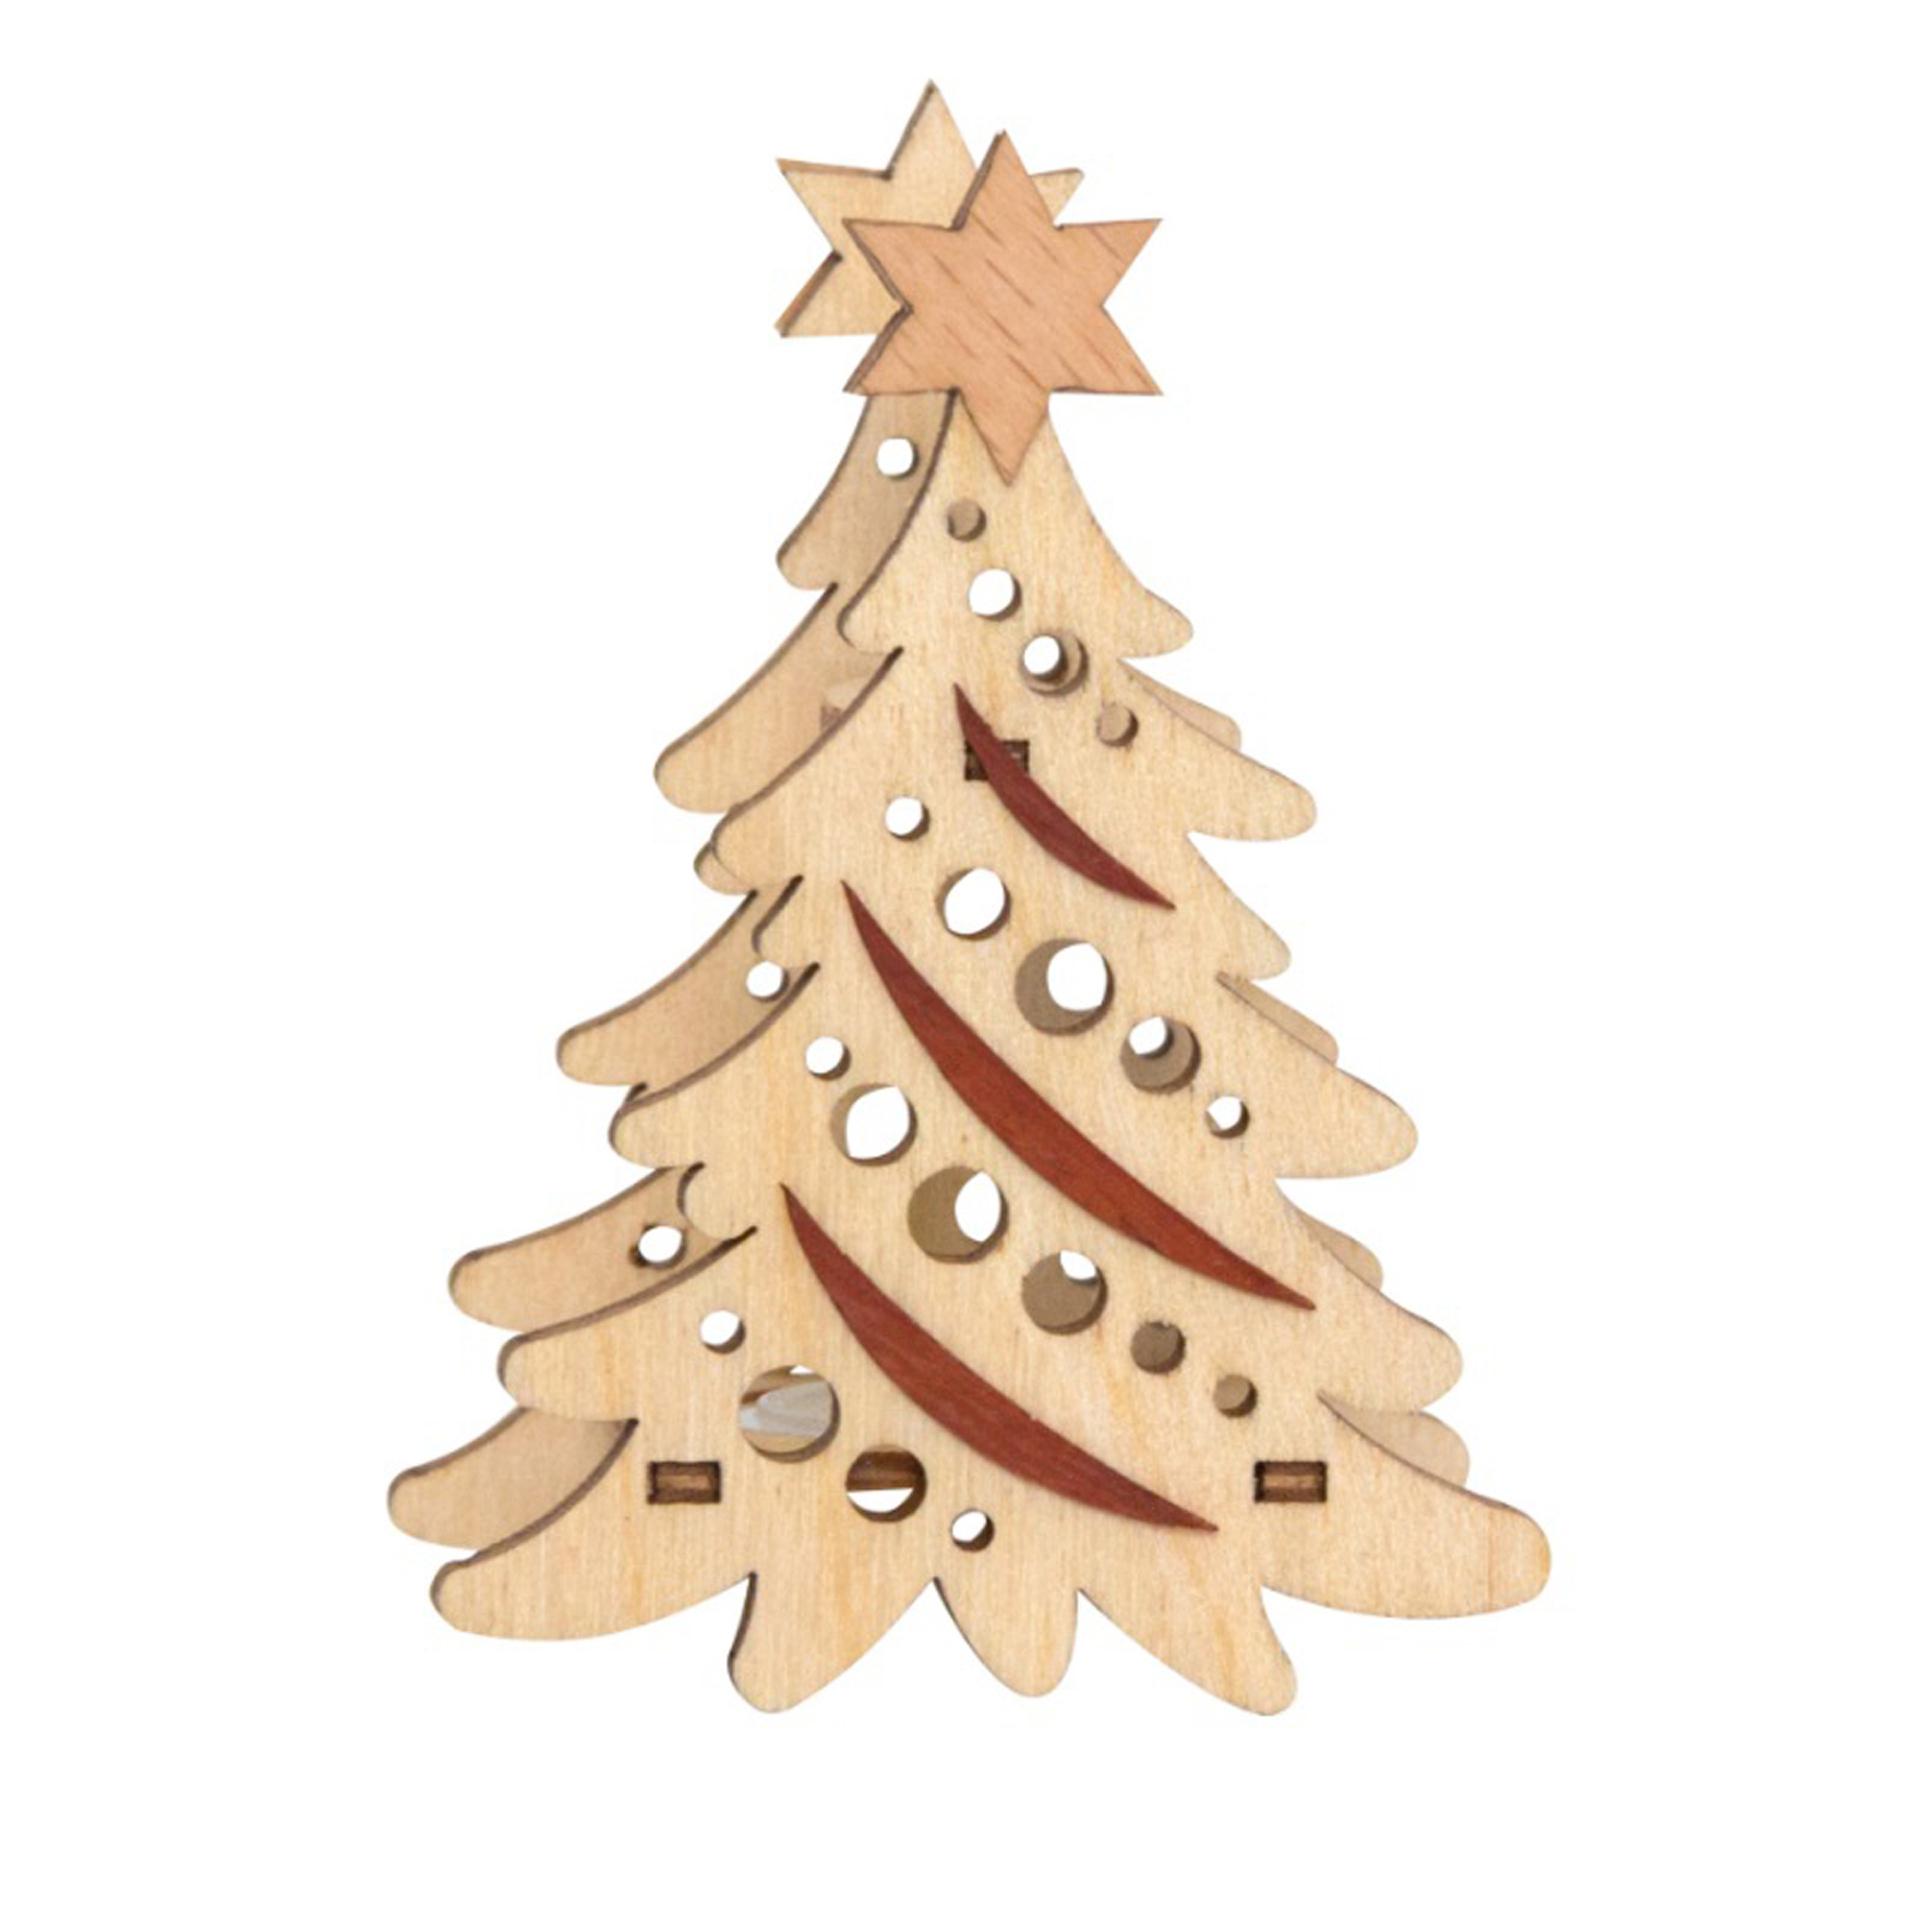 Kerzenaufstecker Weihnachtsbaum